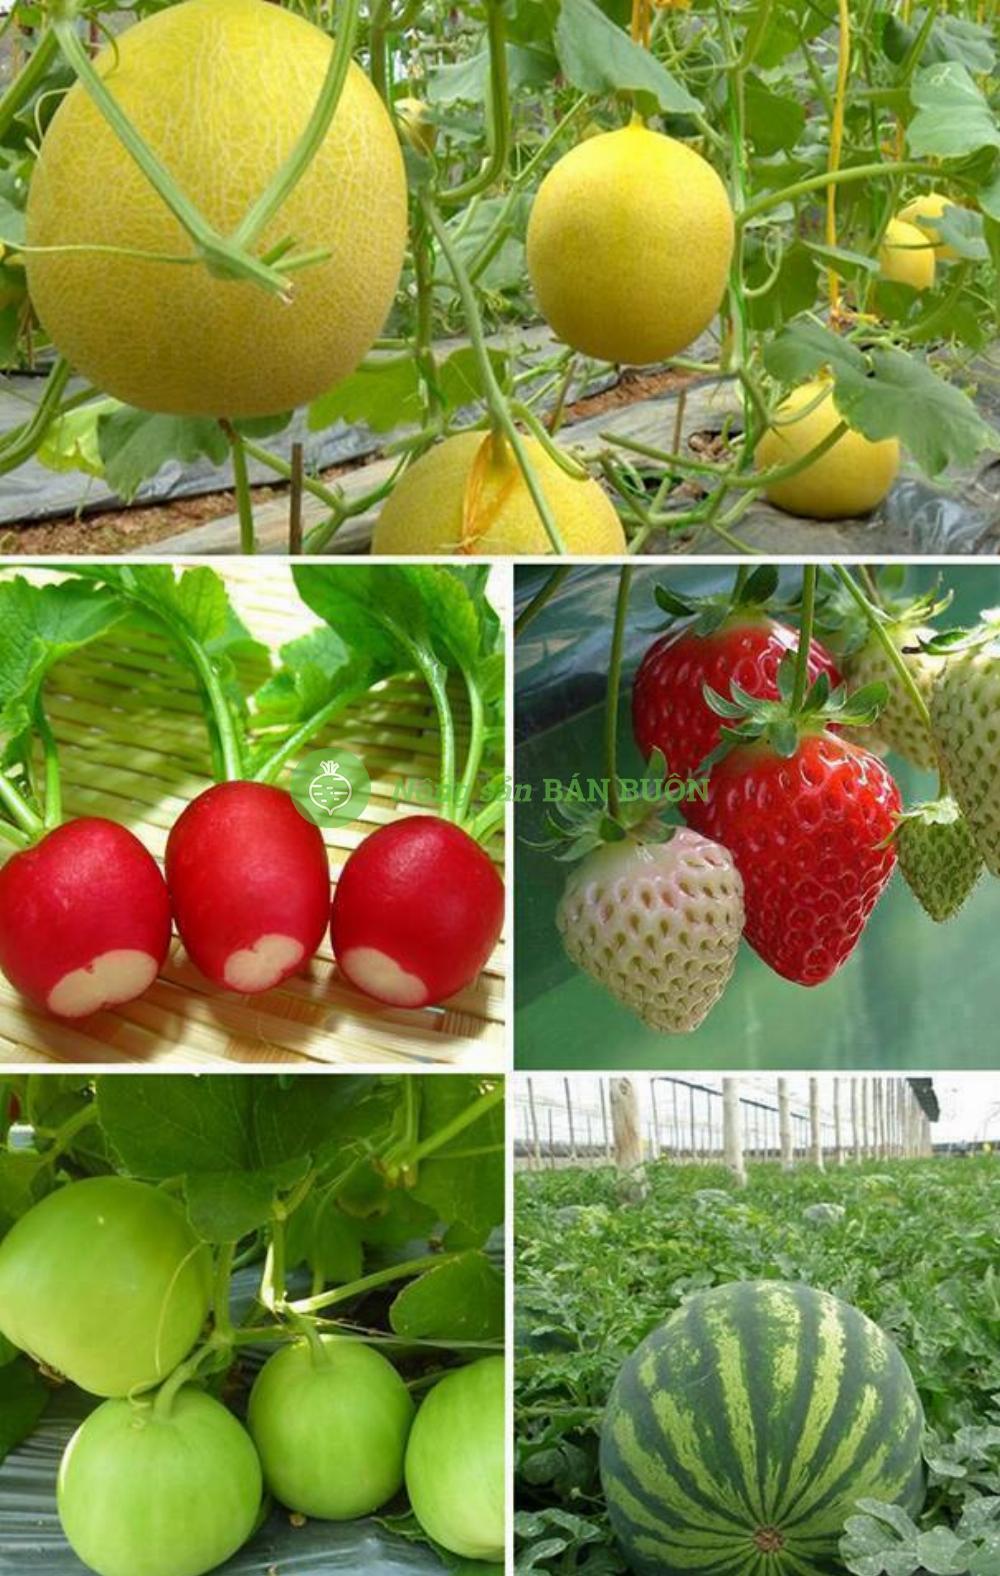 dưa lưới, củ cải đỏ, dâu tây đỏ, dưa lê lam ngọc, dưa hấu